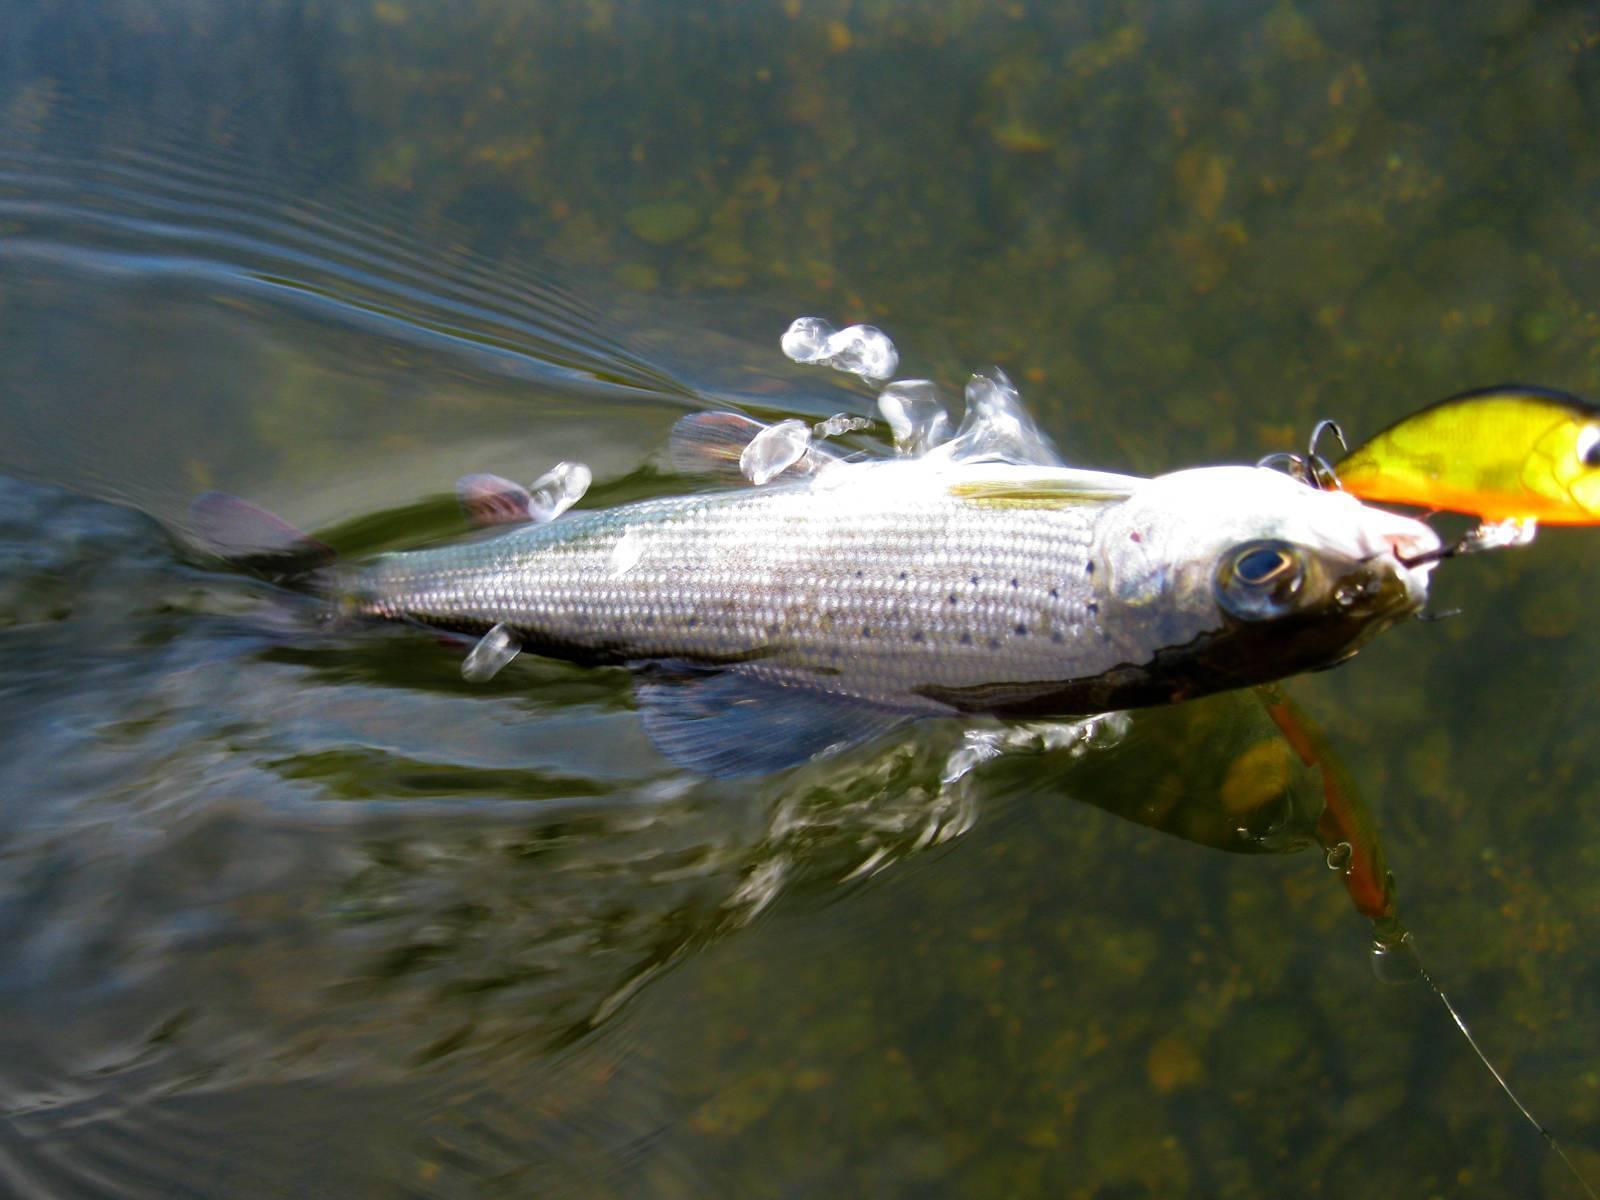 Ловля хариуса весной на спиннинг – рыбалке.нет